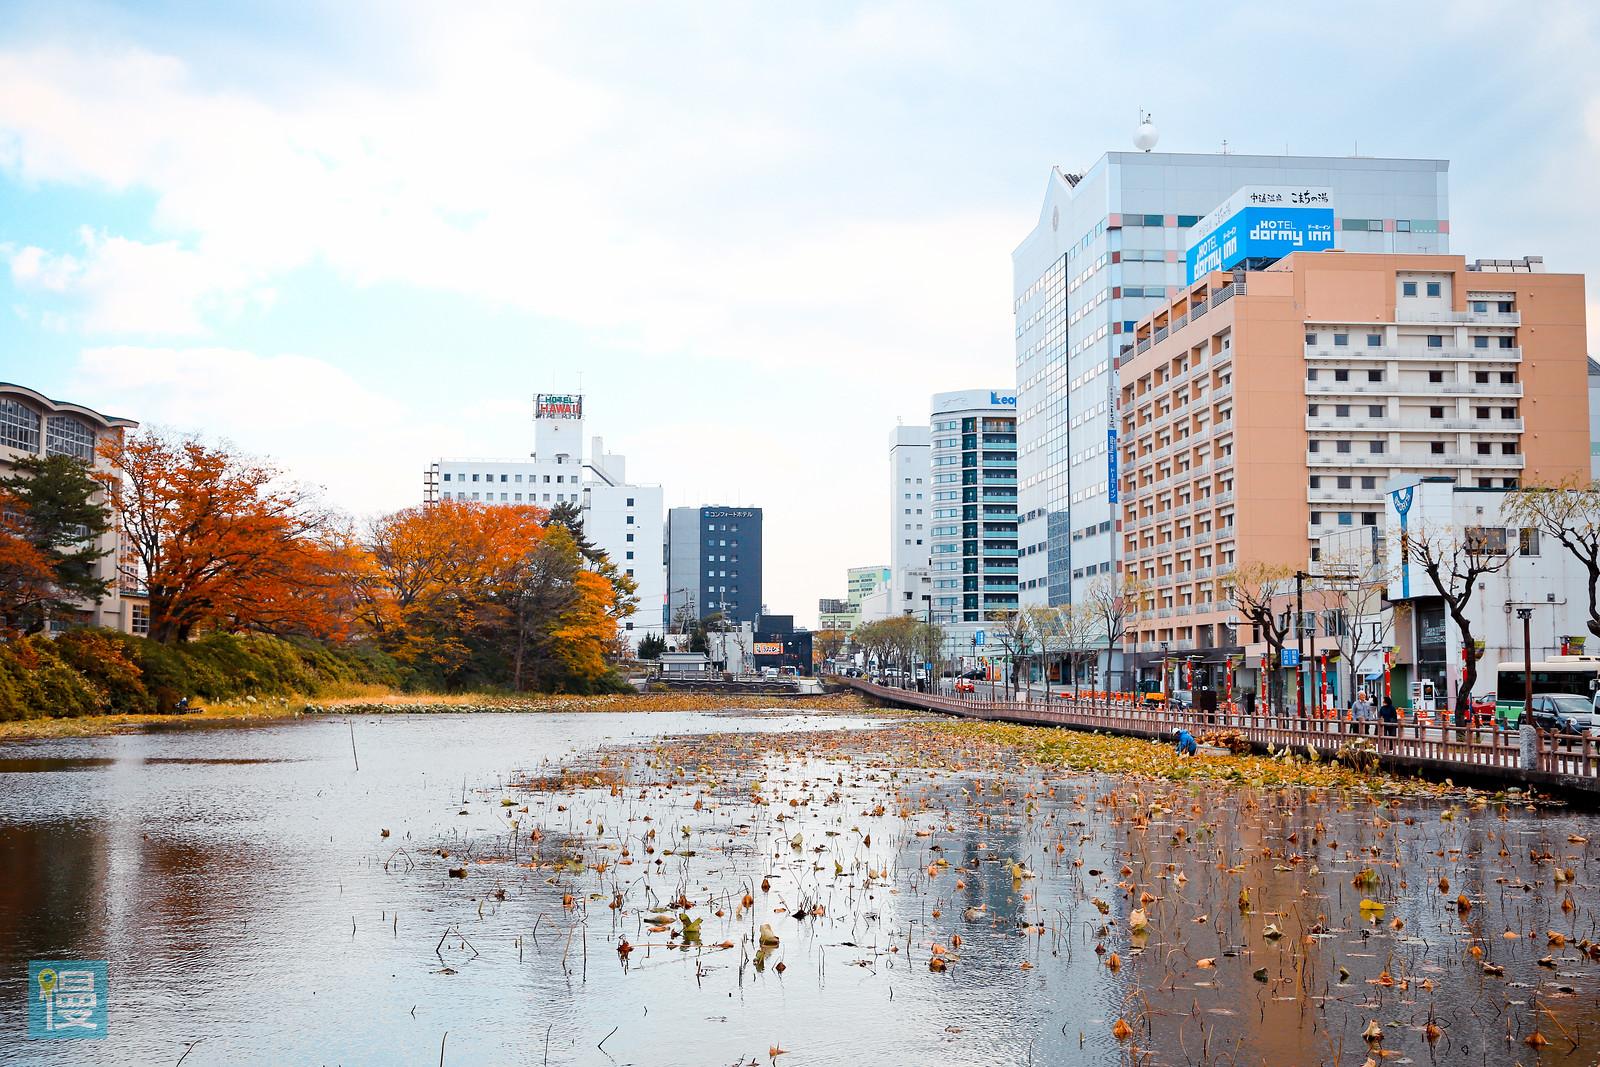 千秋公園 + 秋田縣立美術館 2016 - 184